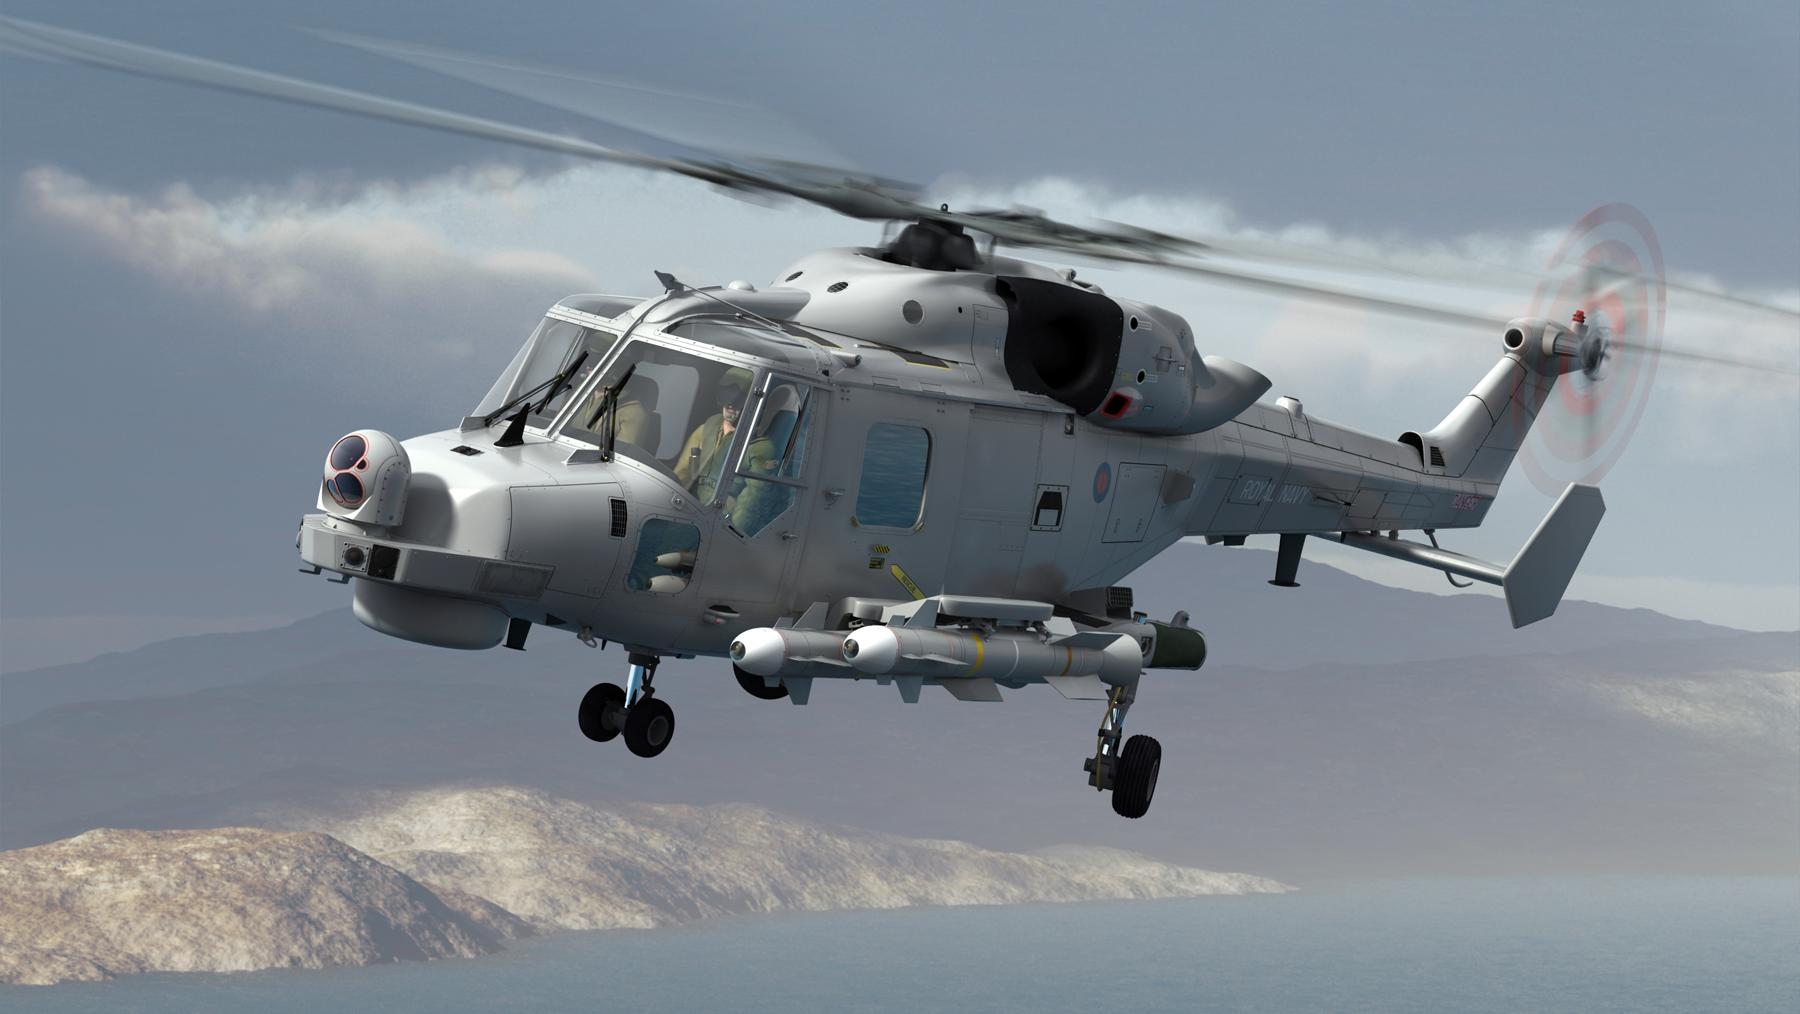 Fotografie Flugzeug-hubschrauber Westland Helicopters Bilder & Fotos